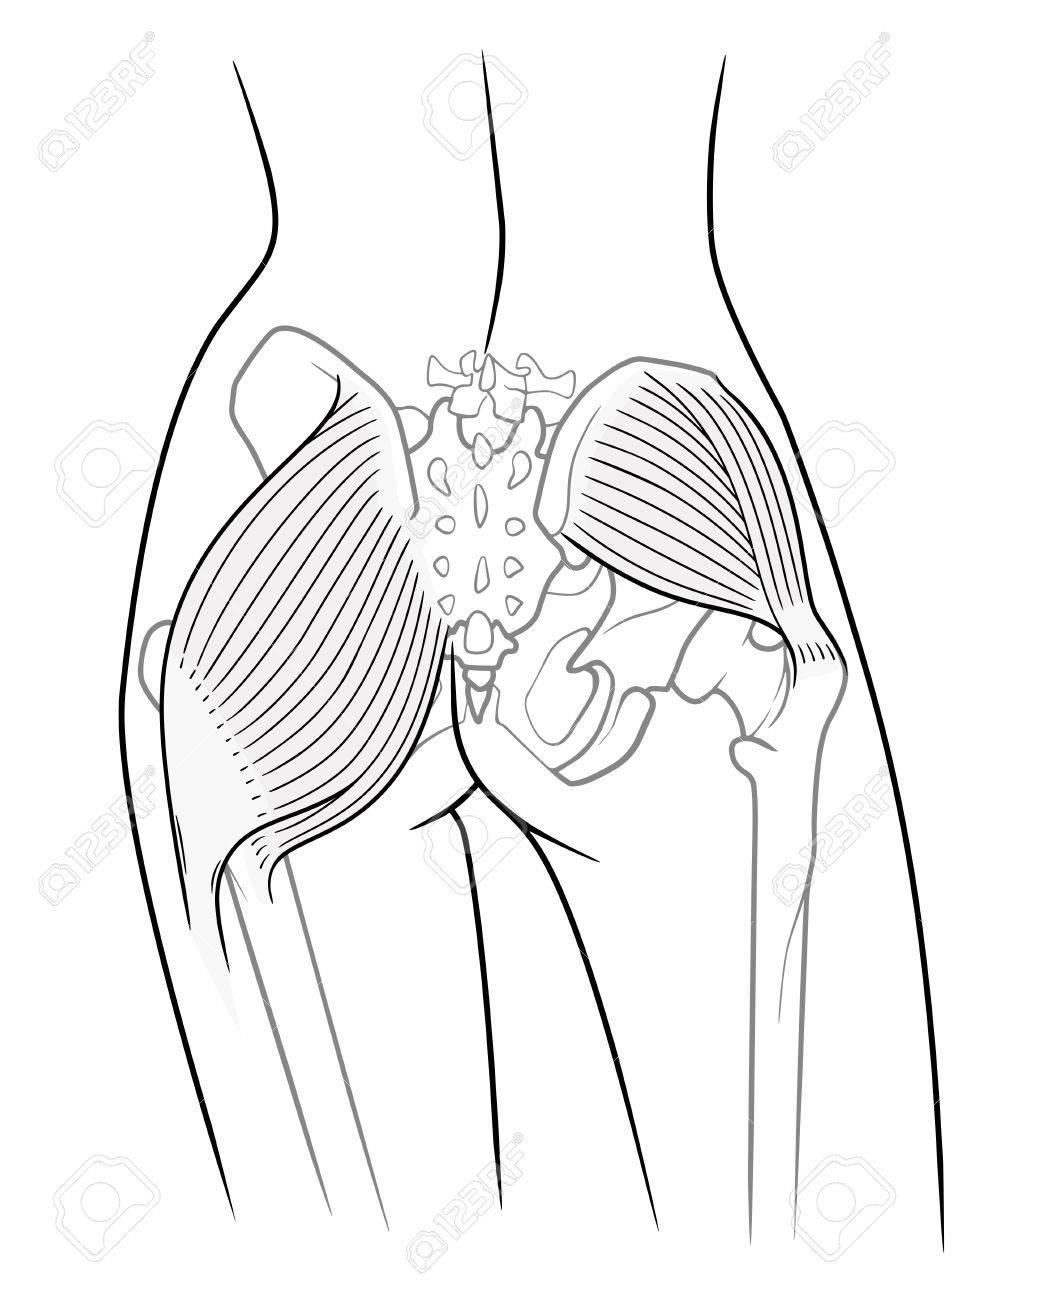 Die Innere Struktur Des Beckengürtels Weiblichen Skeletts Und ...